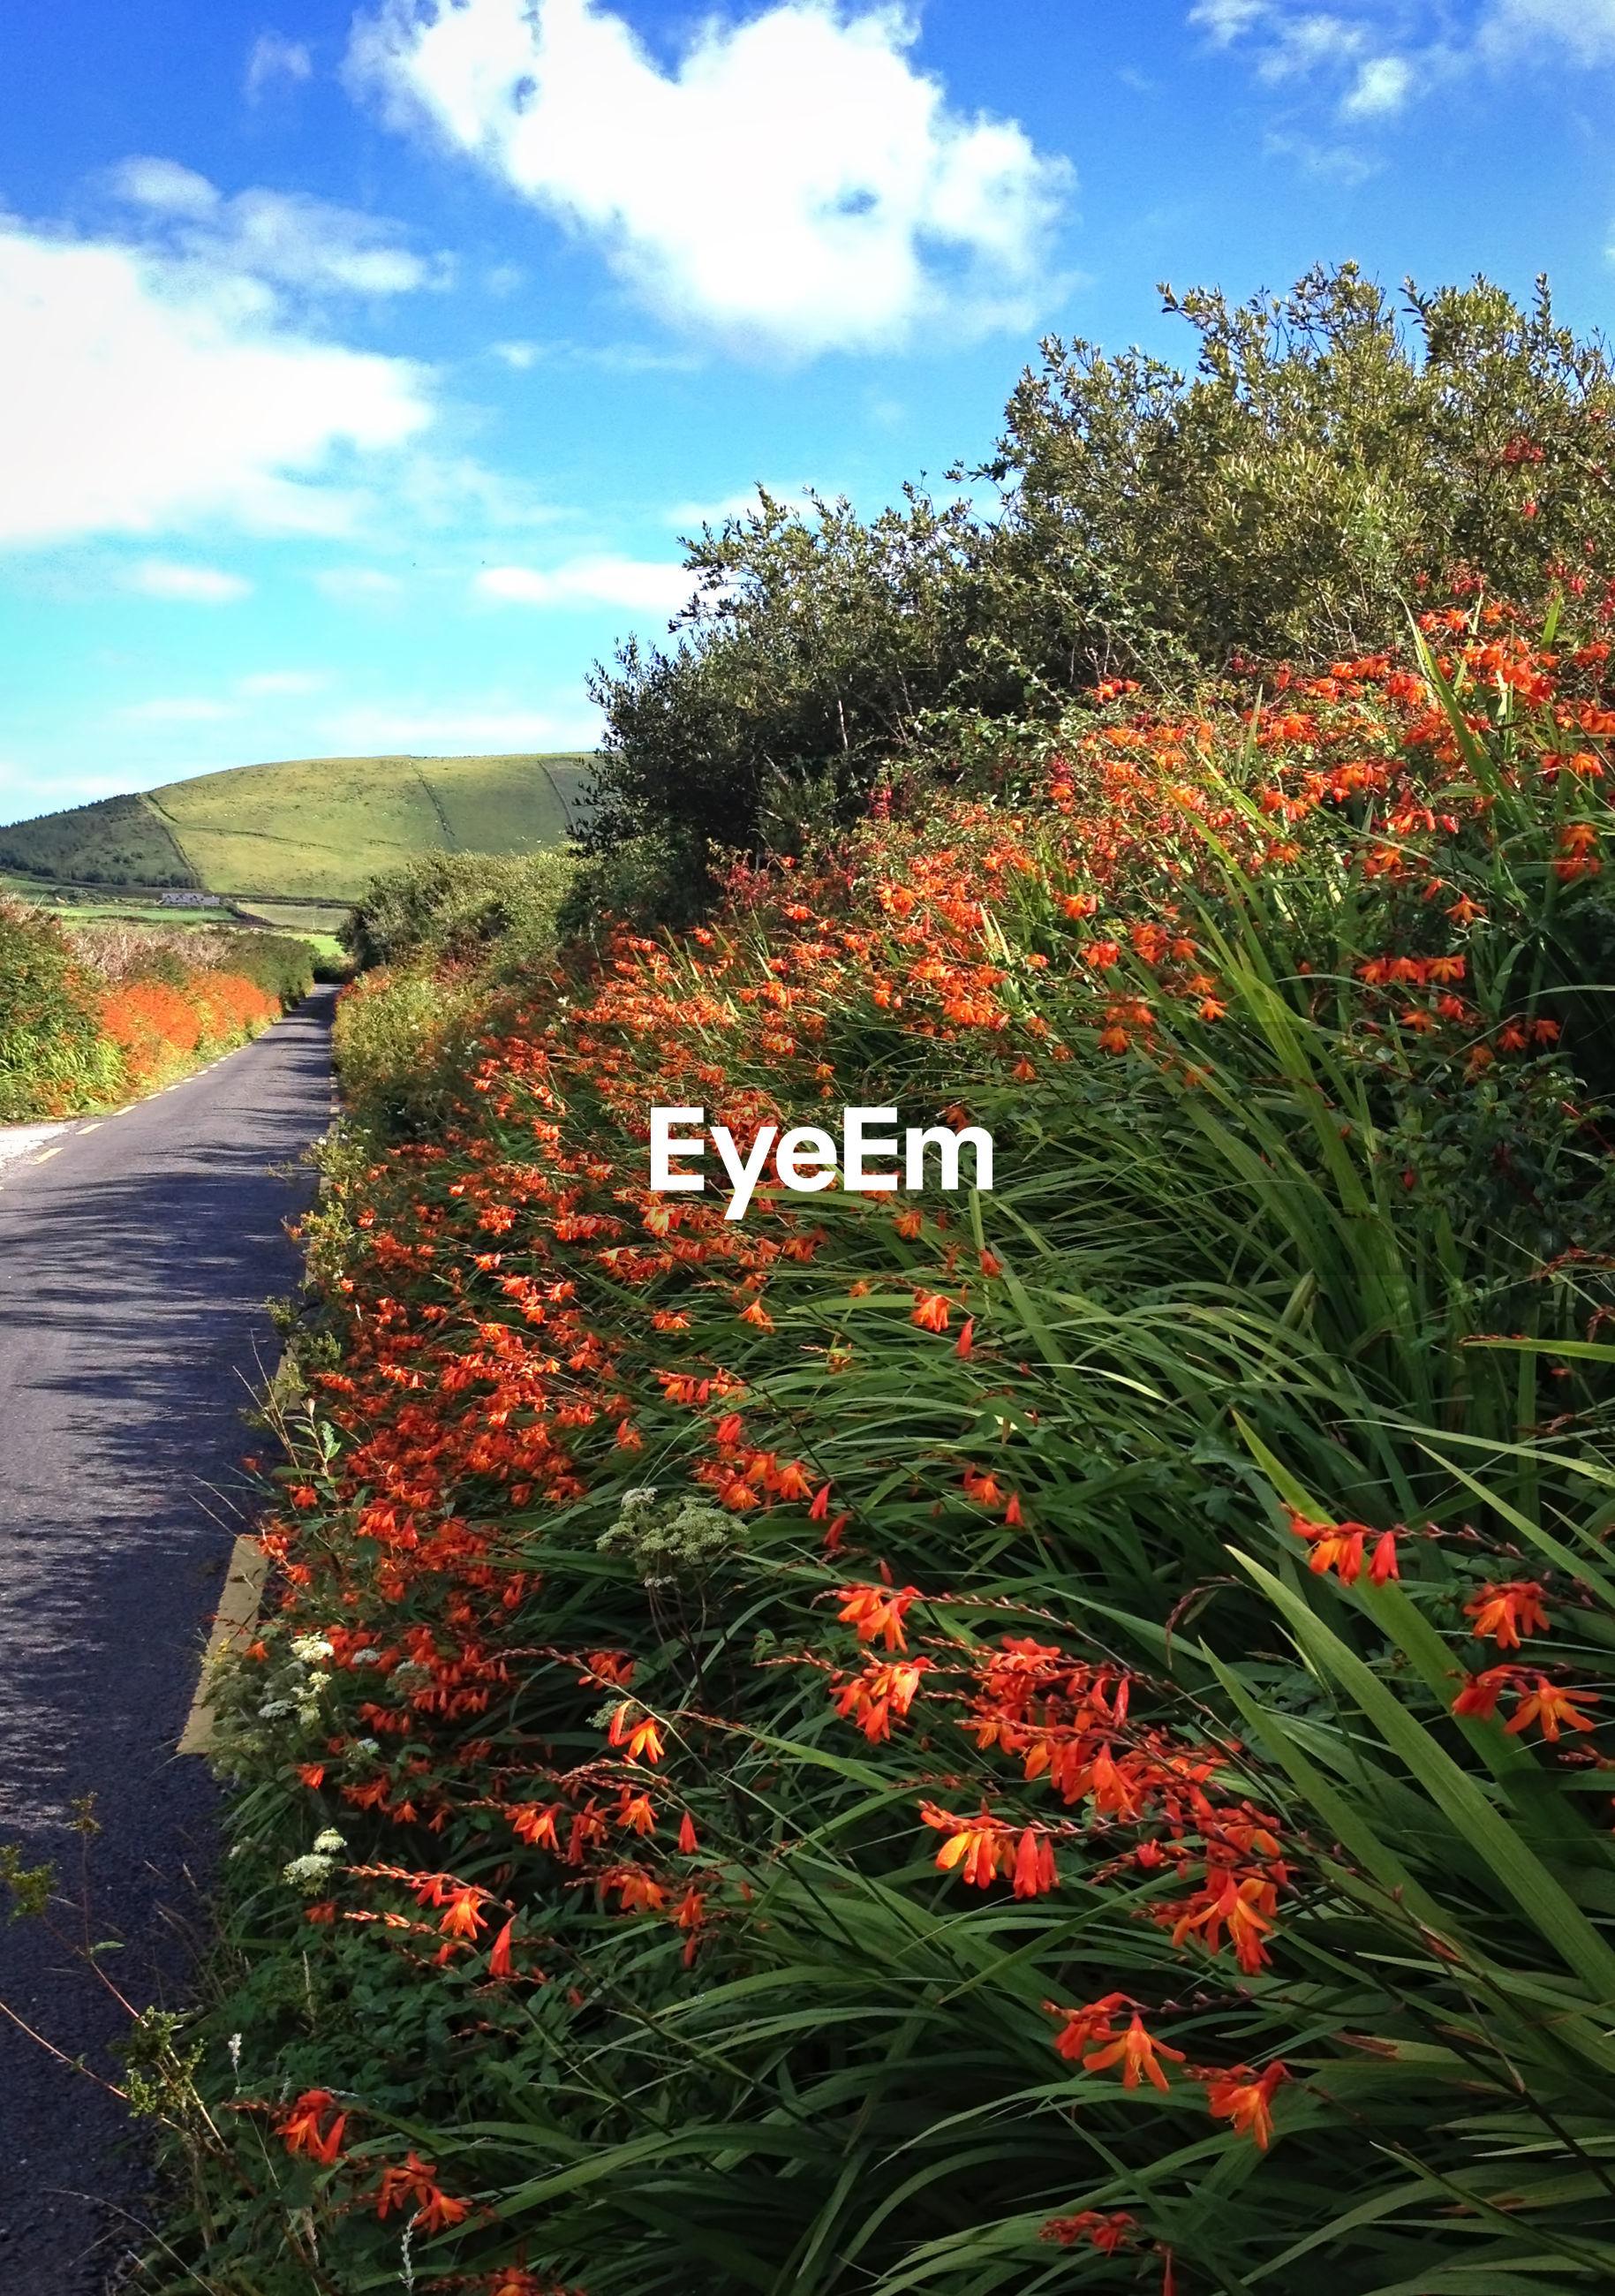 Orange flowers blooming on field by empty road